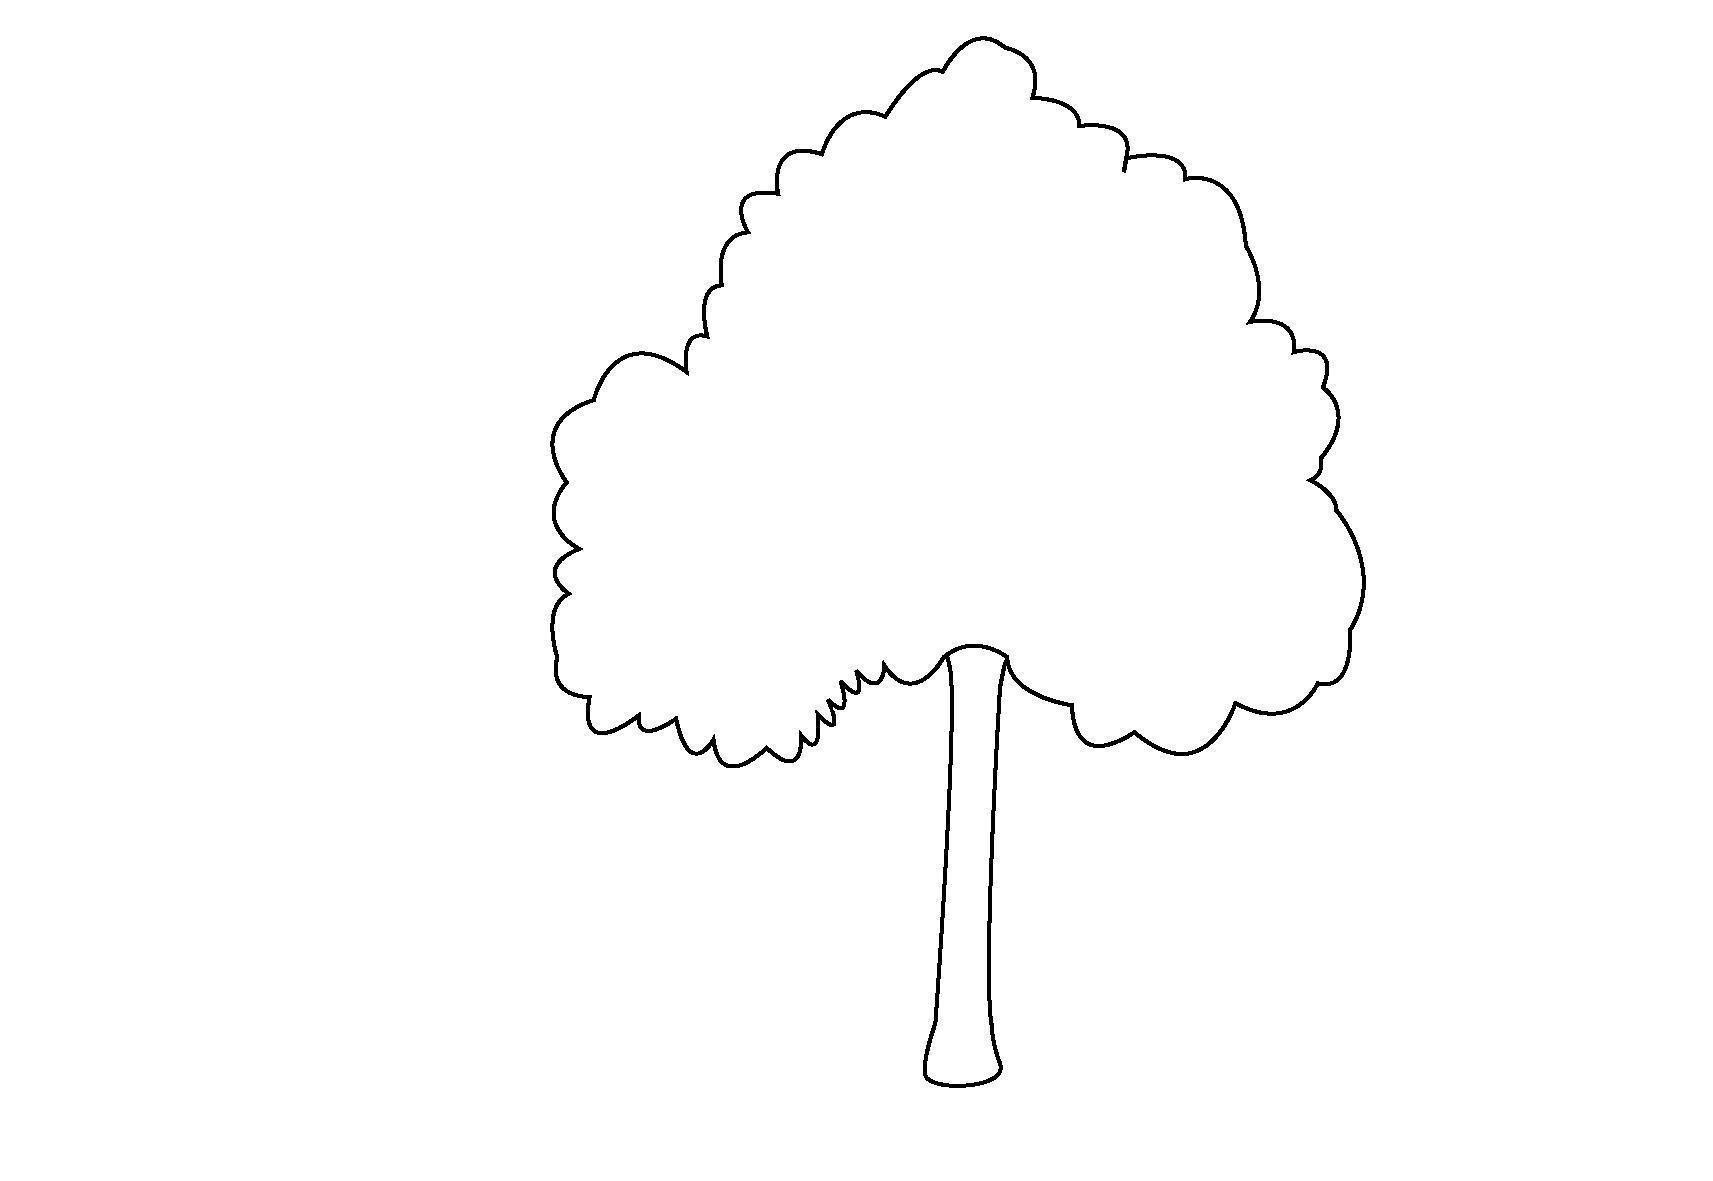 того, раскраска дерево распечатать картинки данное плетение способно